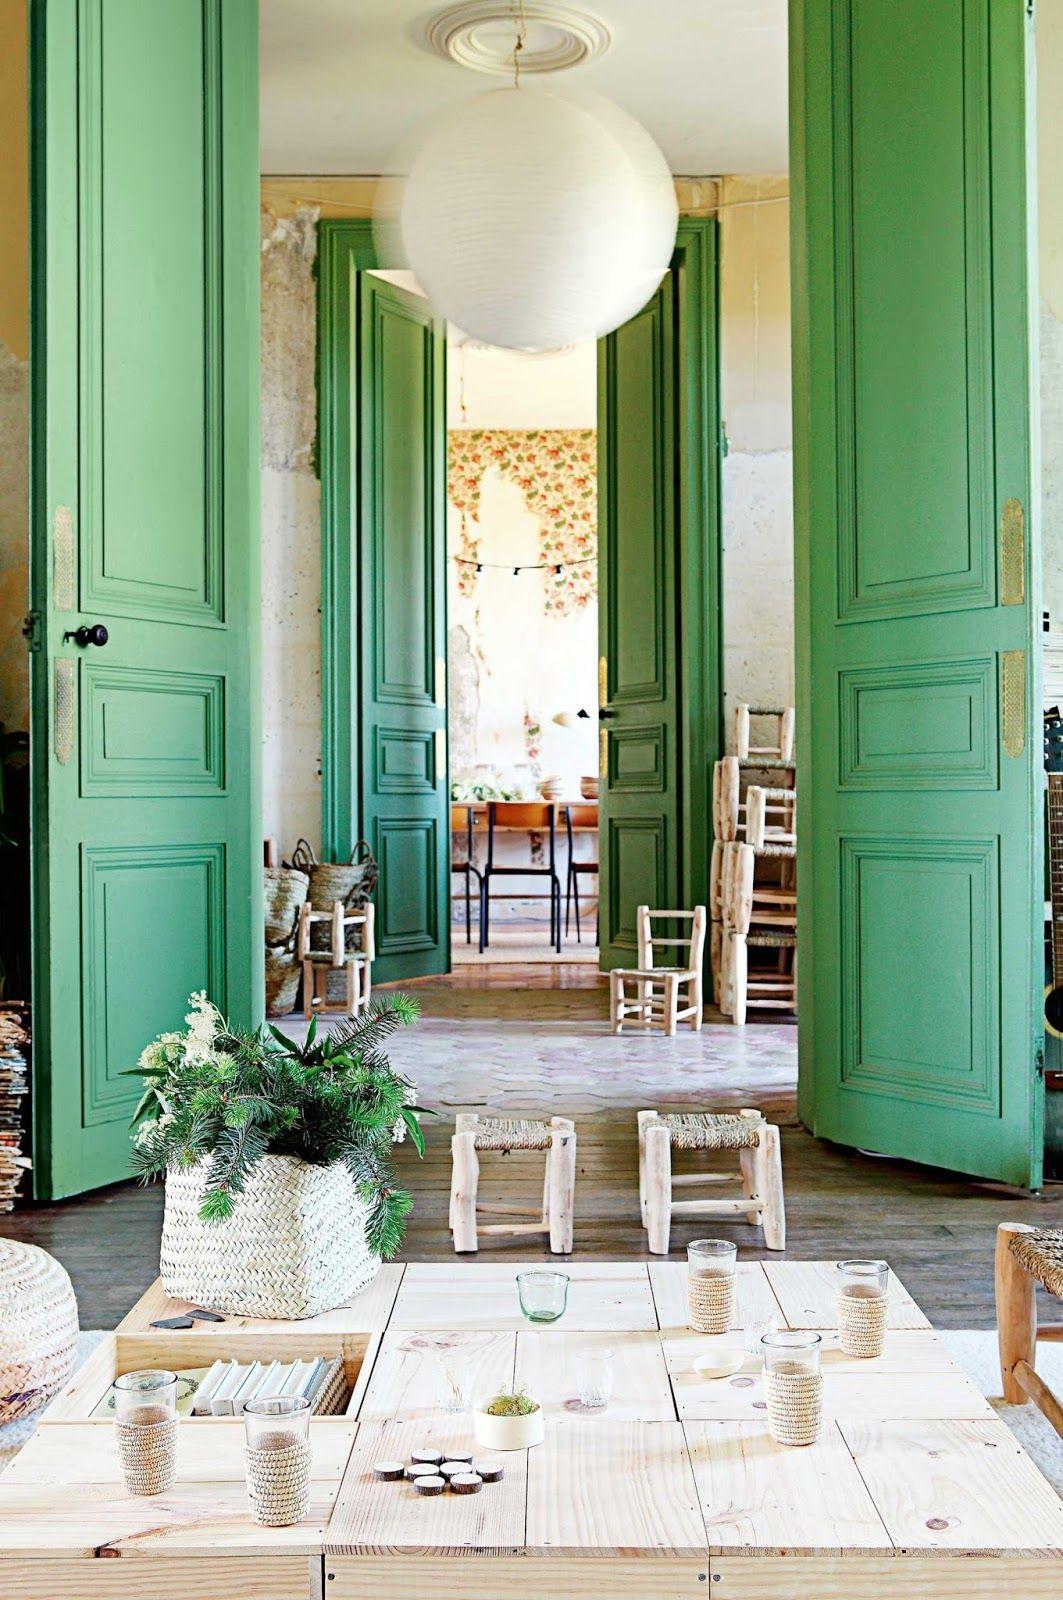 konyhasziget_francia_kastely_zold_felhangokkal_chateau-de-dirac_les-petites-emplettes_01_10.jpg